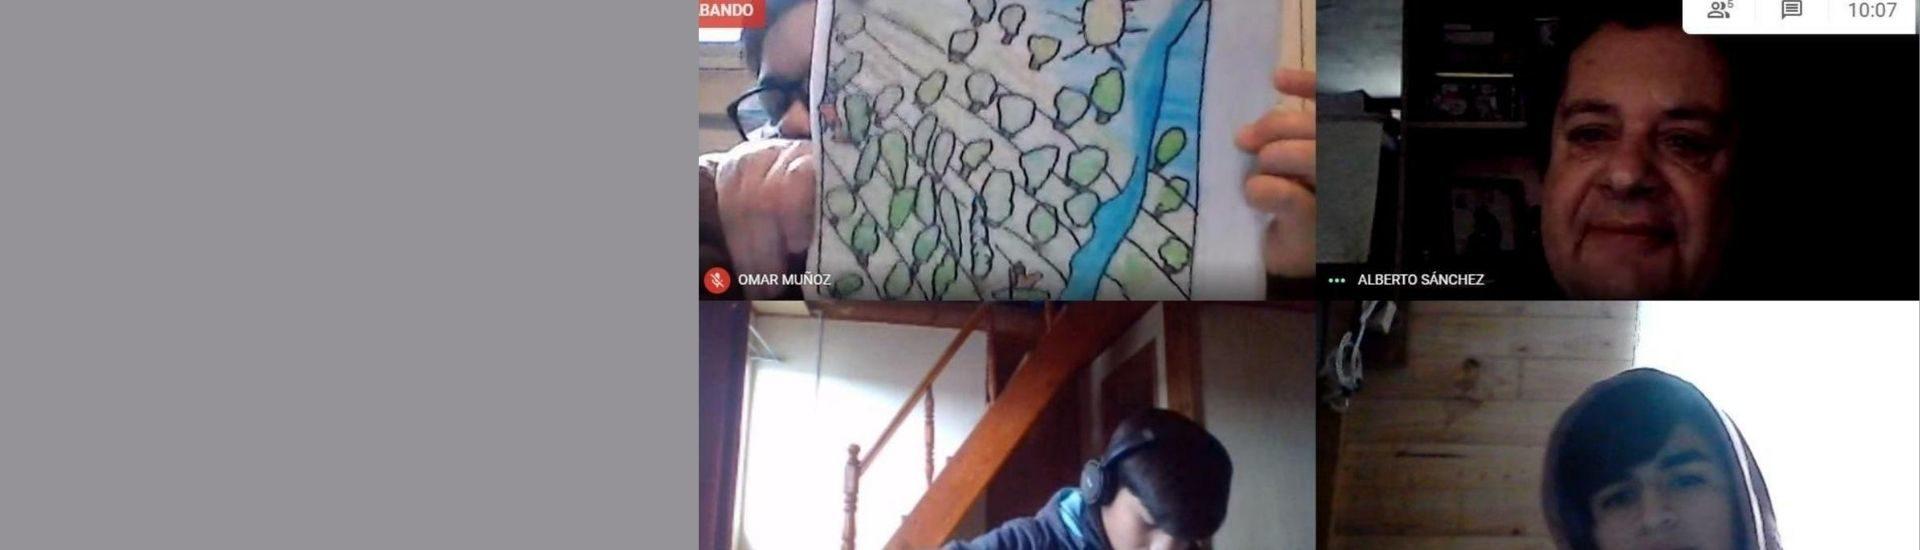 Pantallazo de una clase del profesor Alberto vía Google Meet